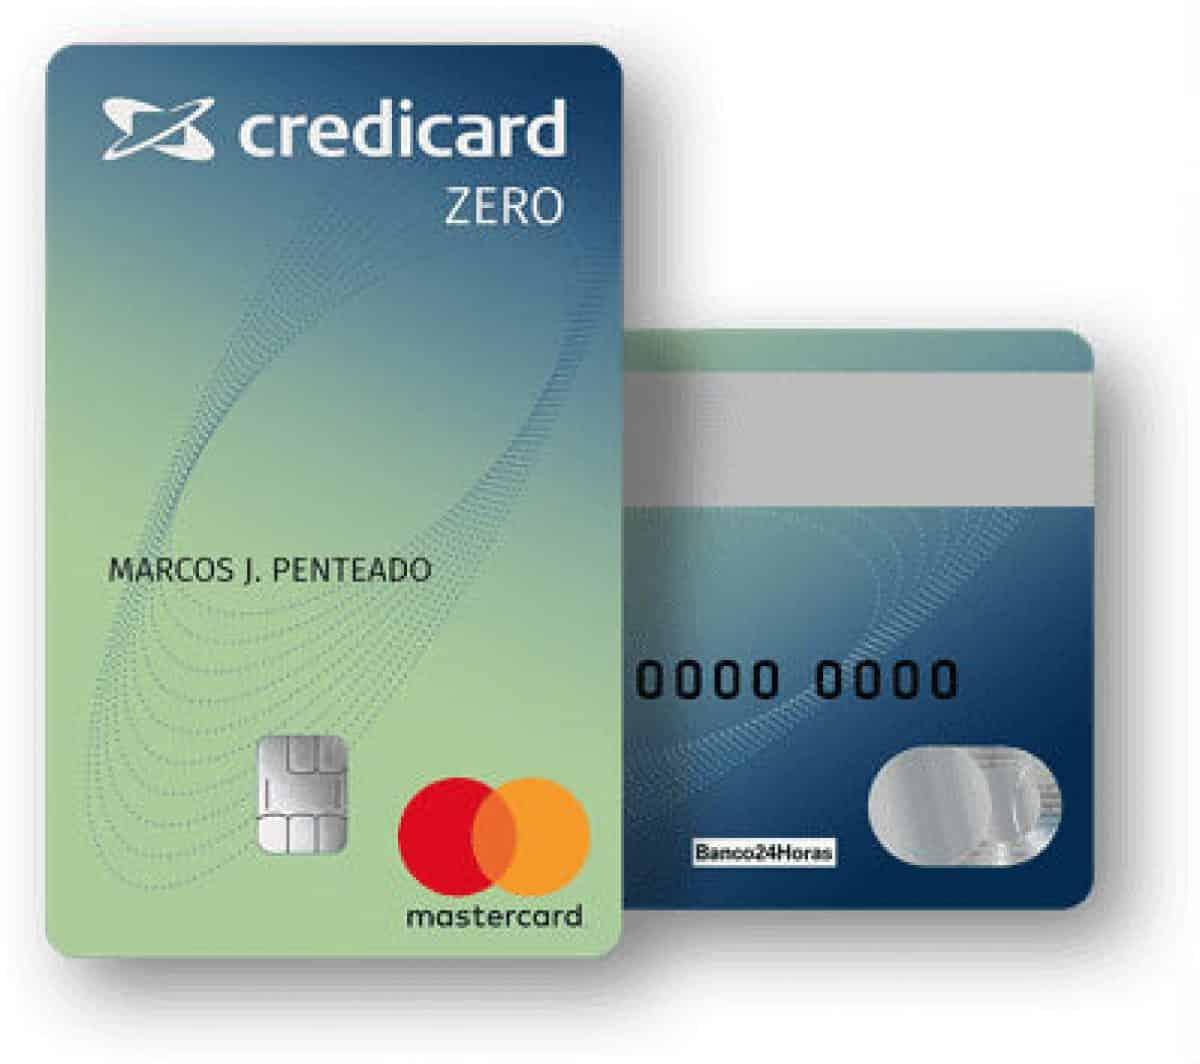 credicard zero 1200x1064 2